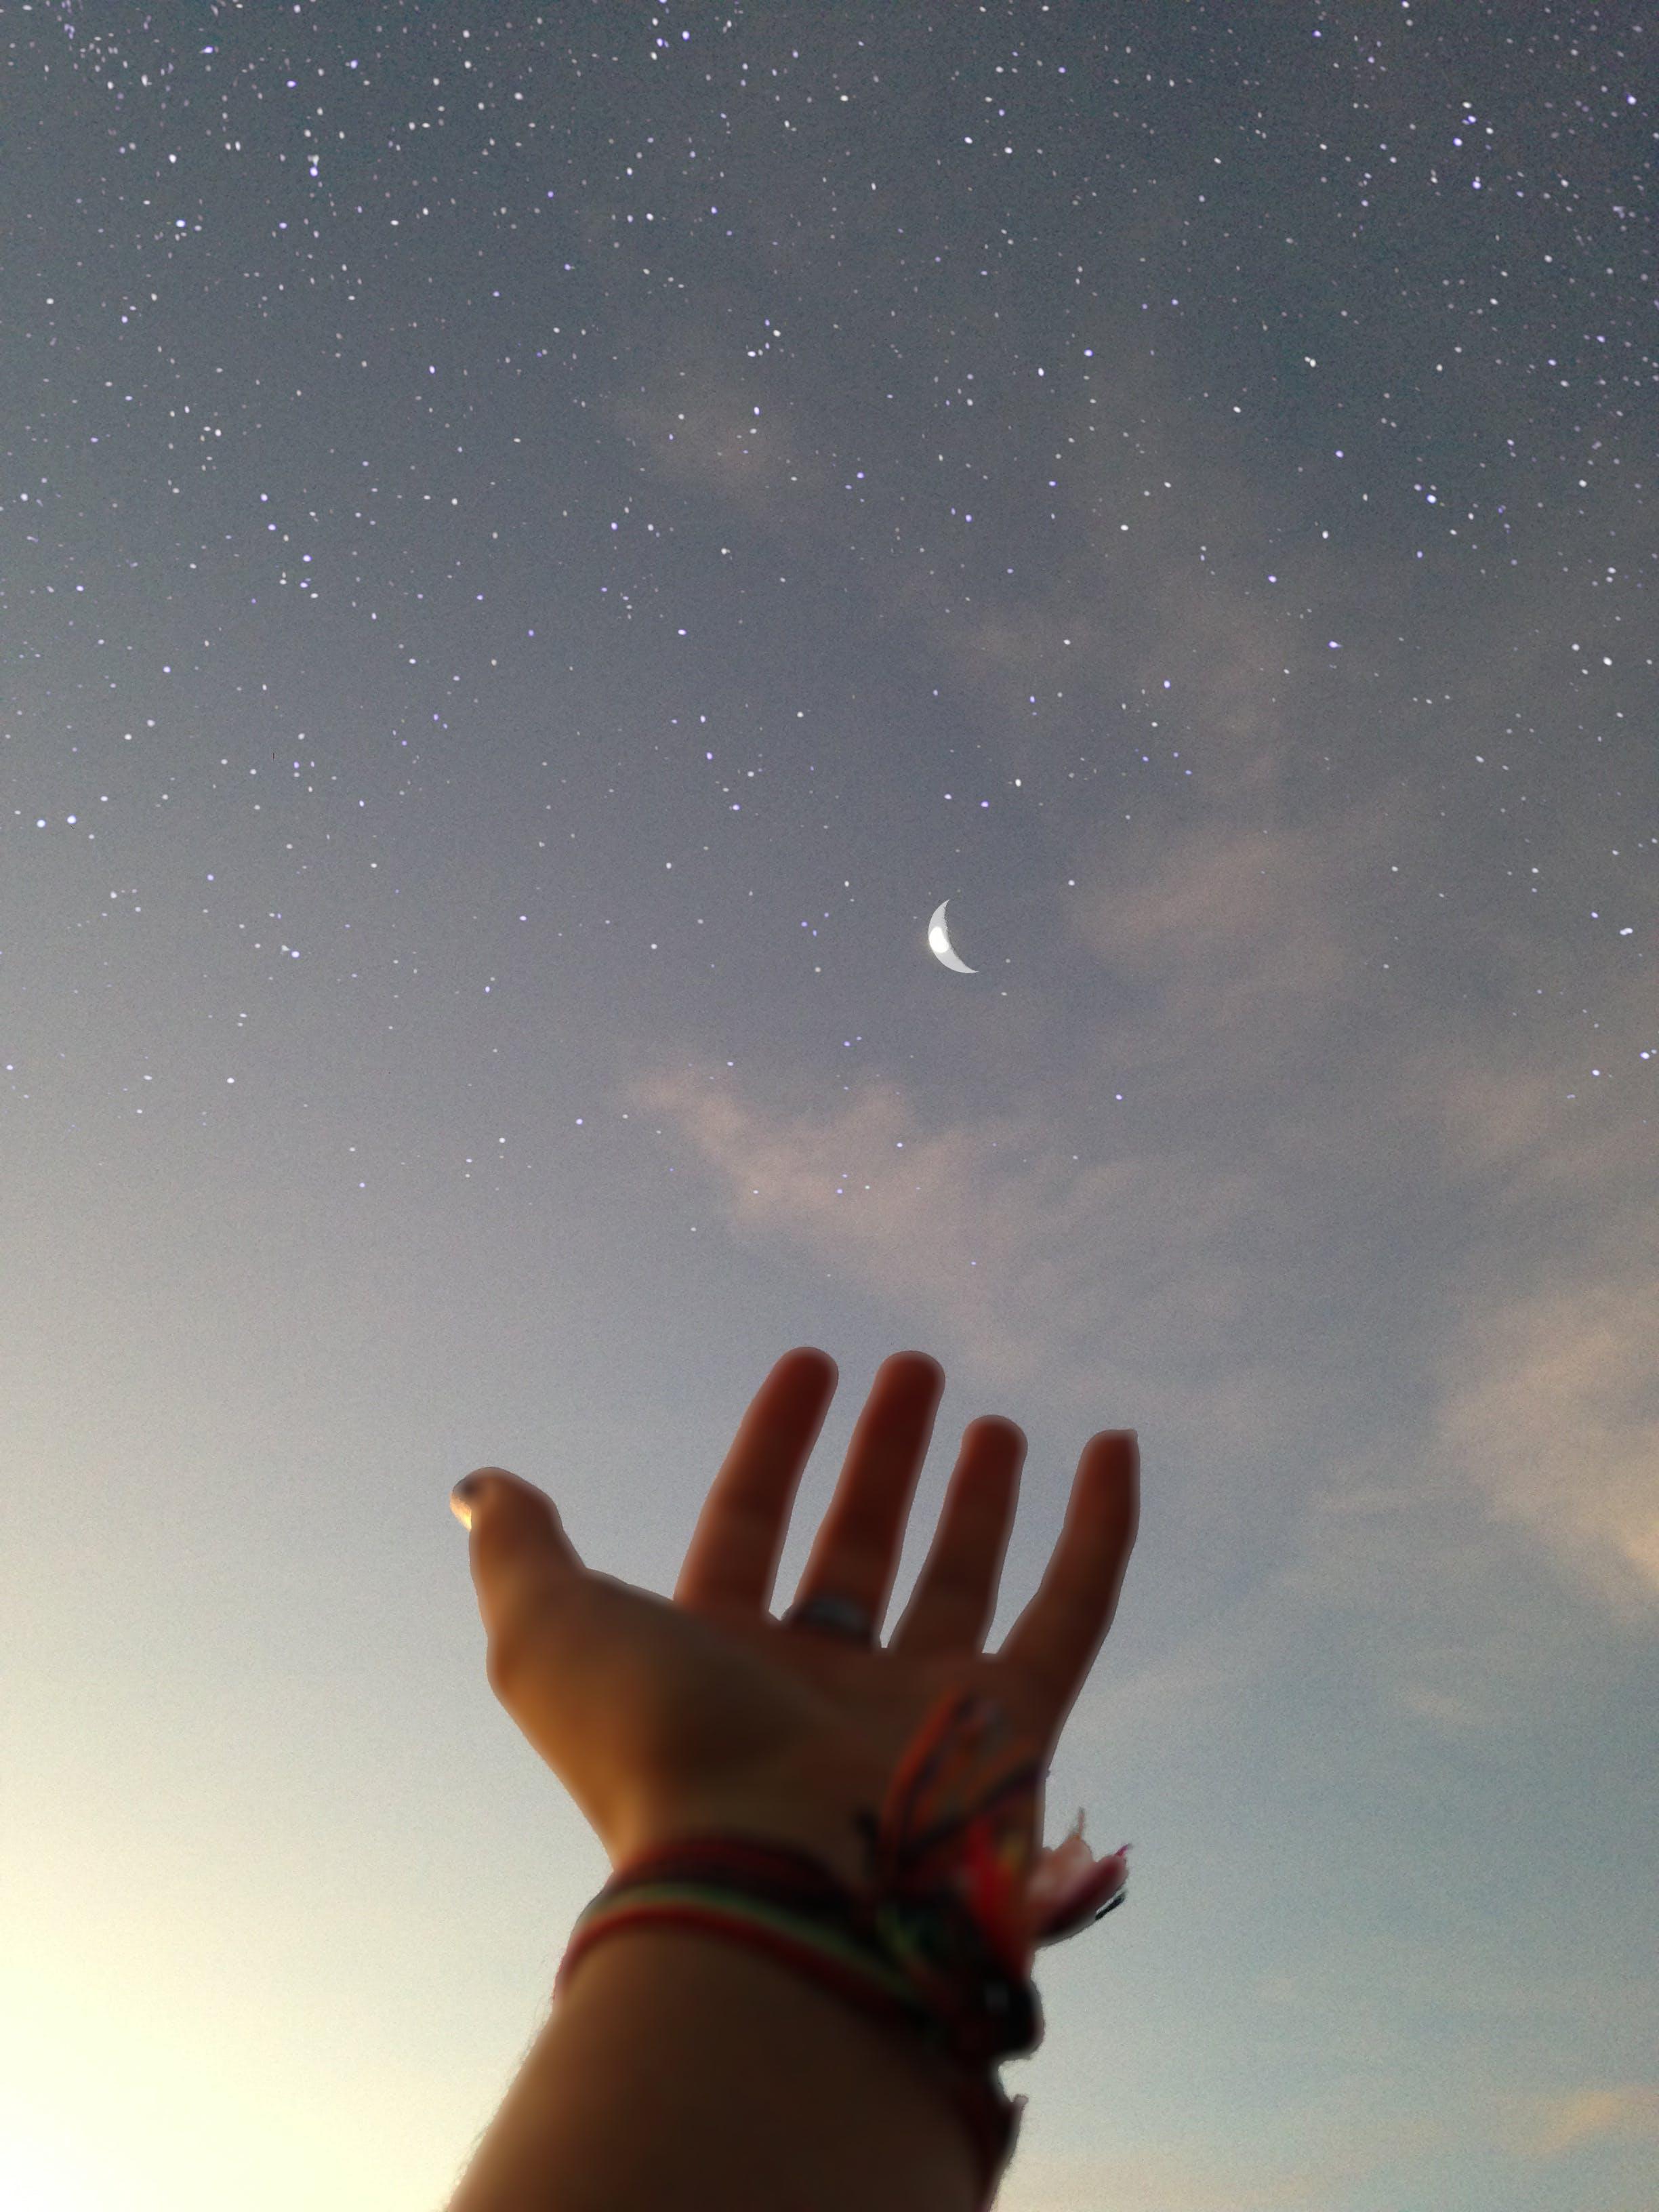 Darmowe zdjęcie z galerii z gwiazdy, gwiaździste niebo, księżyc, outdoorchallenge